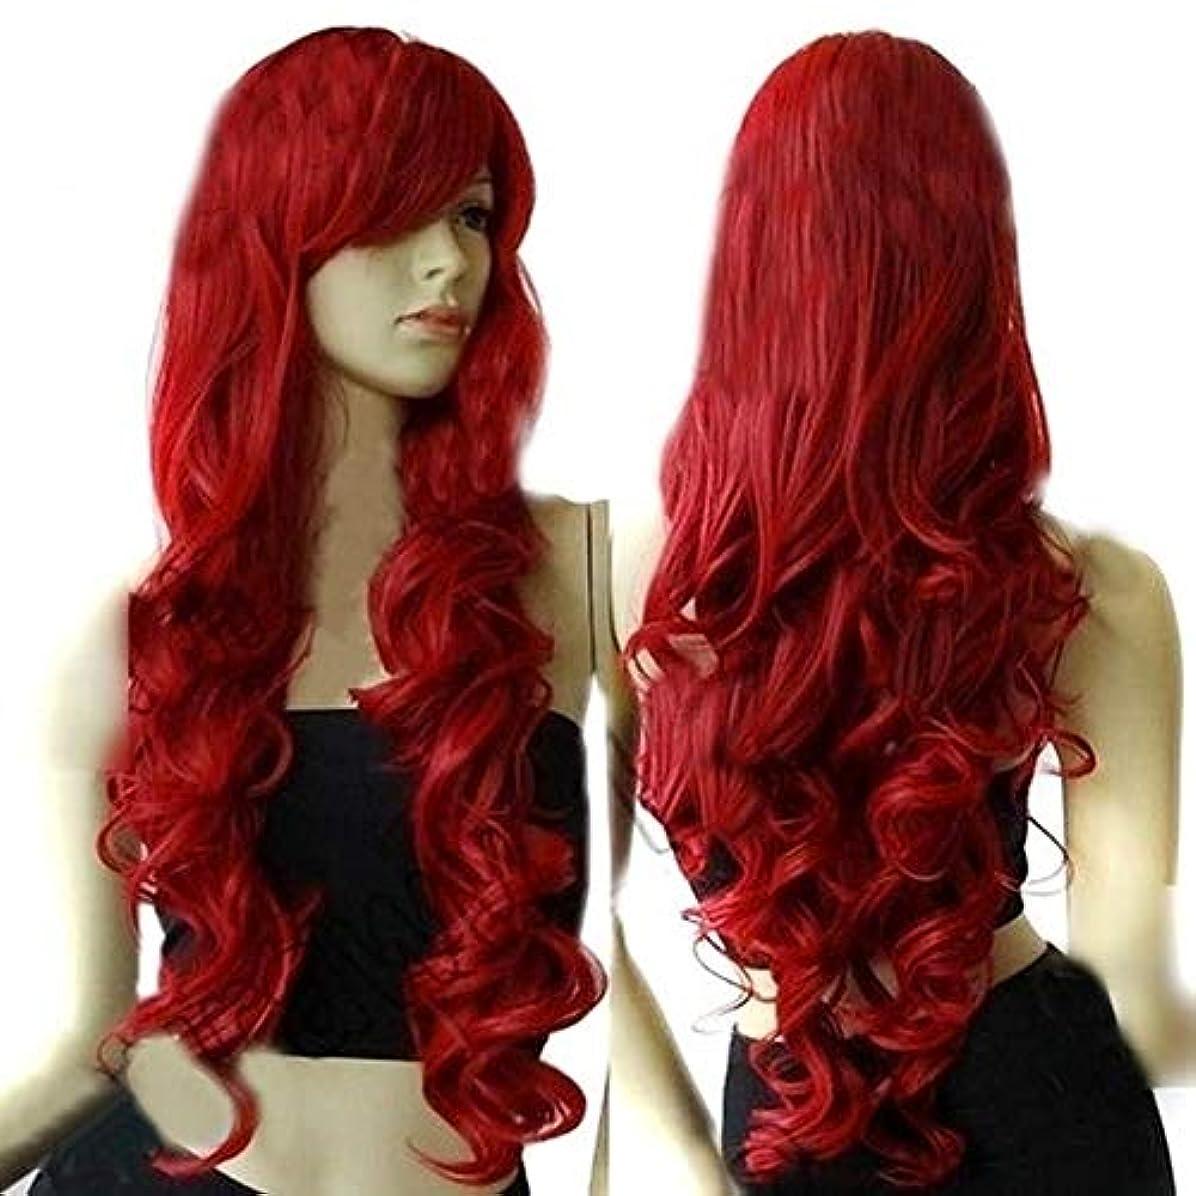 消化器扇動する申請中slQinjiansav女性ウィッグ修理ツールファッション女性ロングカーリーワイン赤ウィッグコスプレパーティーヘアピースヘアエクステンション